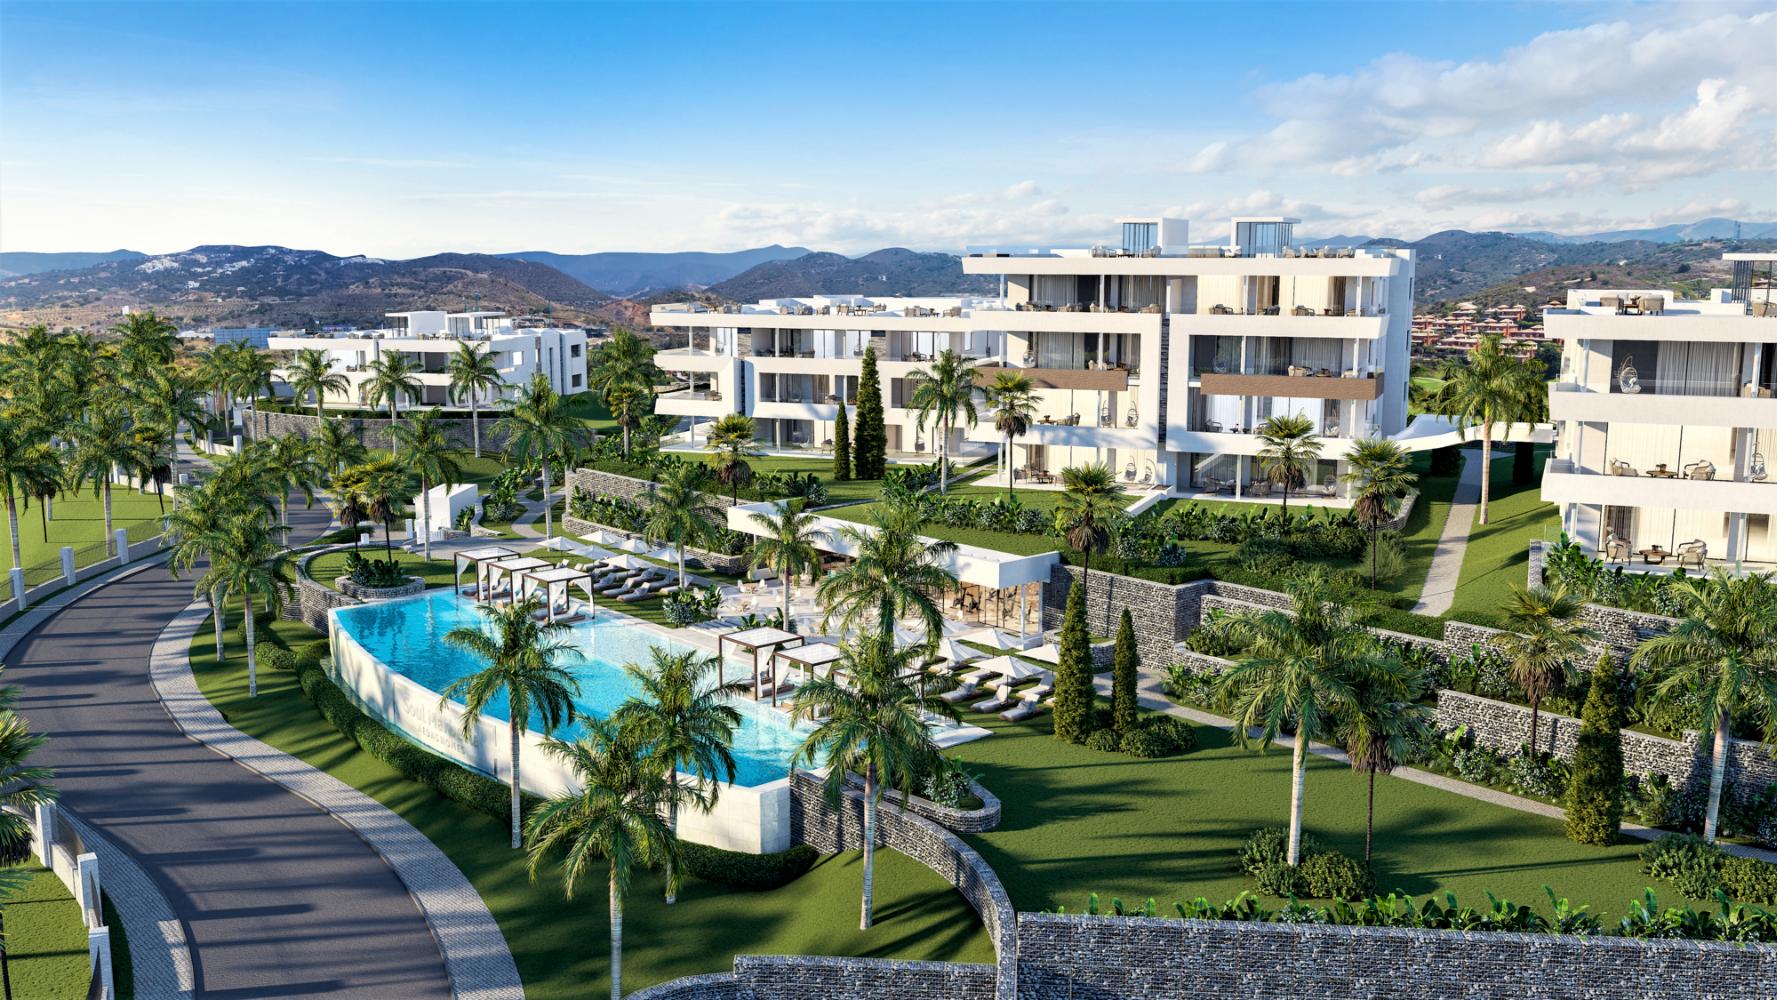 ARFA1359 - Luxus Neubauprojekt für Wohnungen und Penthäuser mit teilweise Meerblick in Santa Clara Marbella